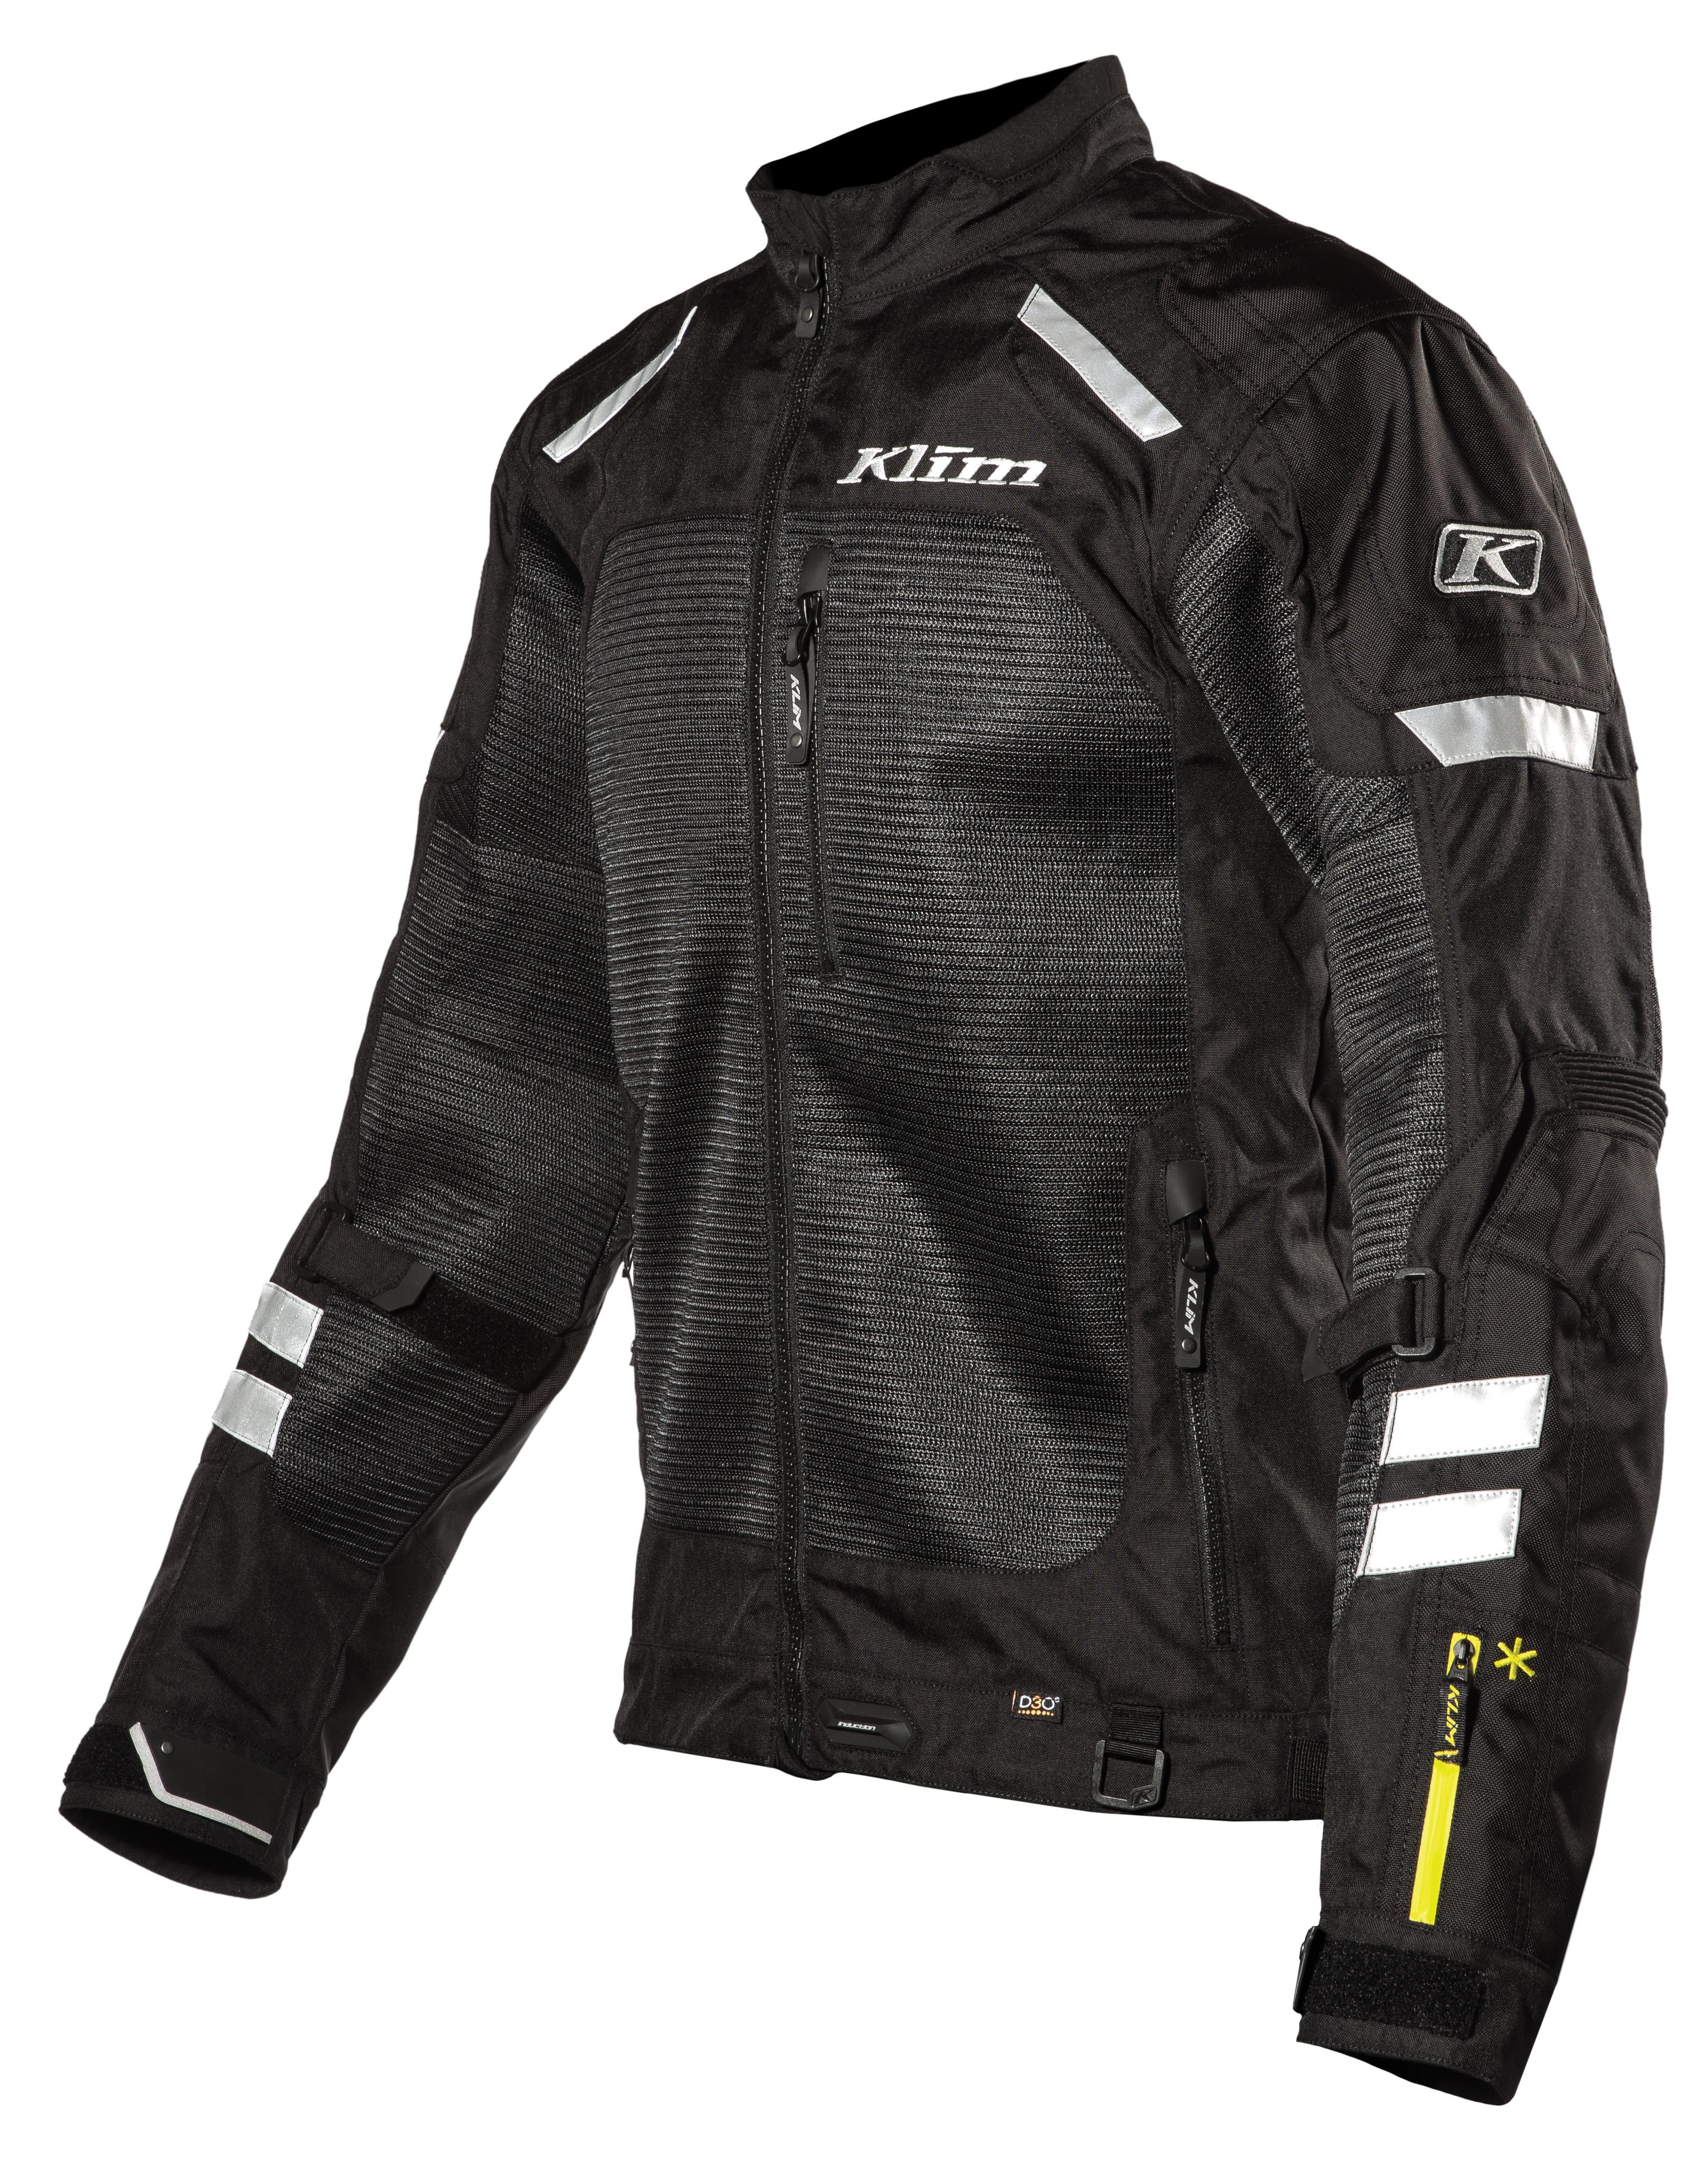 Induction Jacket 5060-000-000